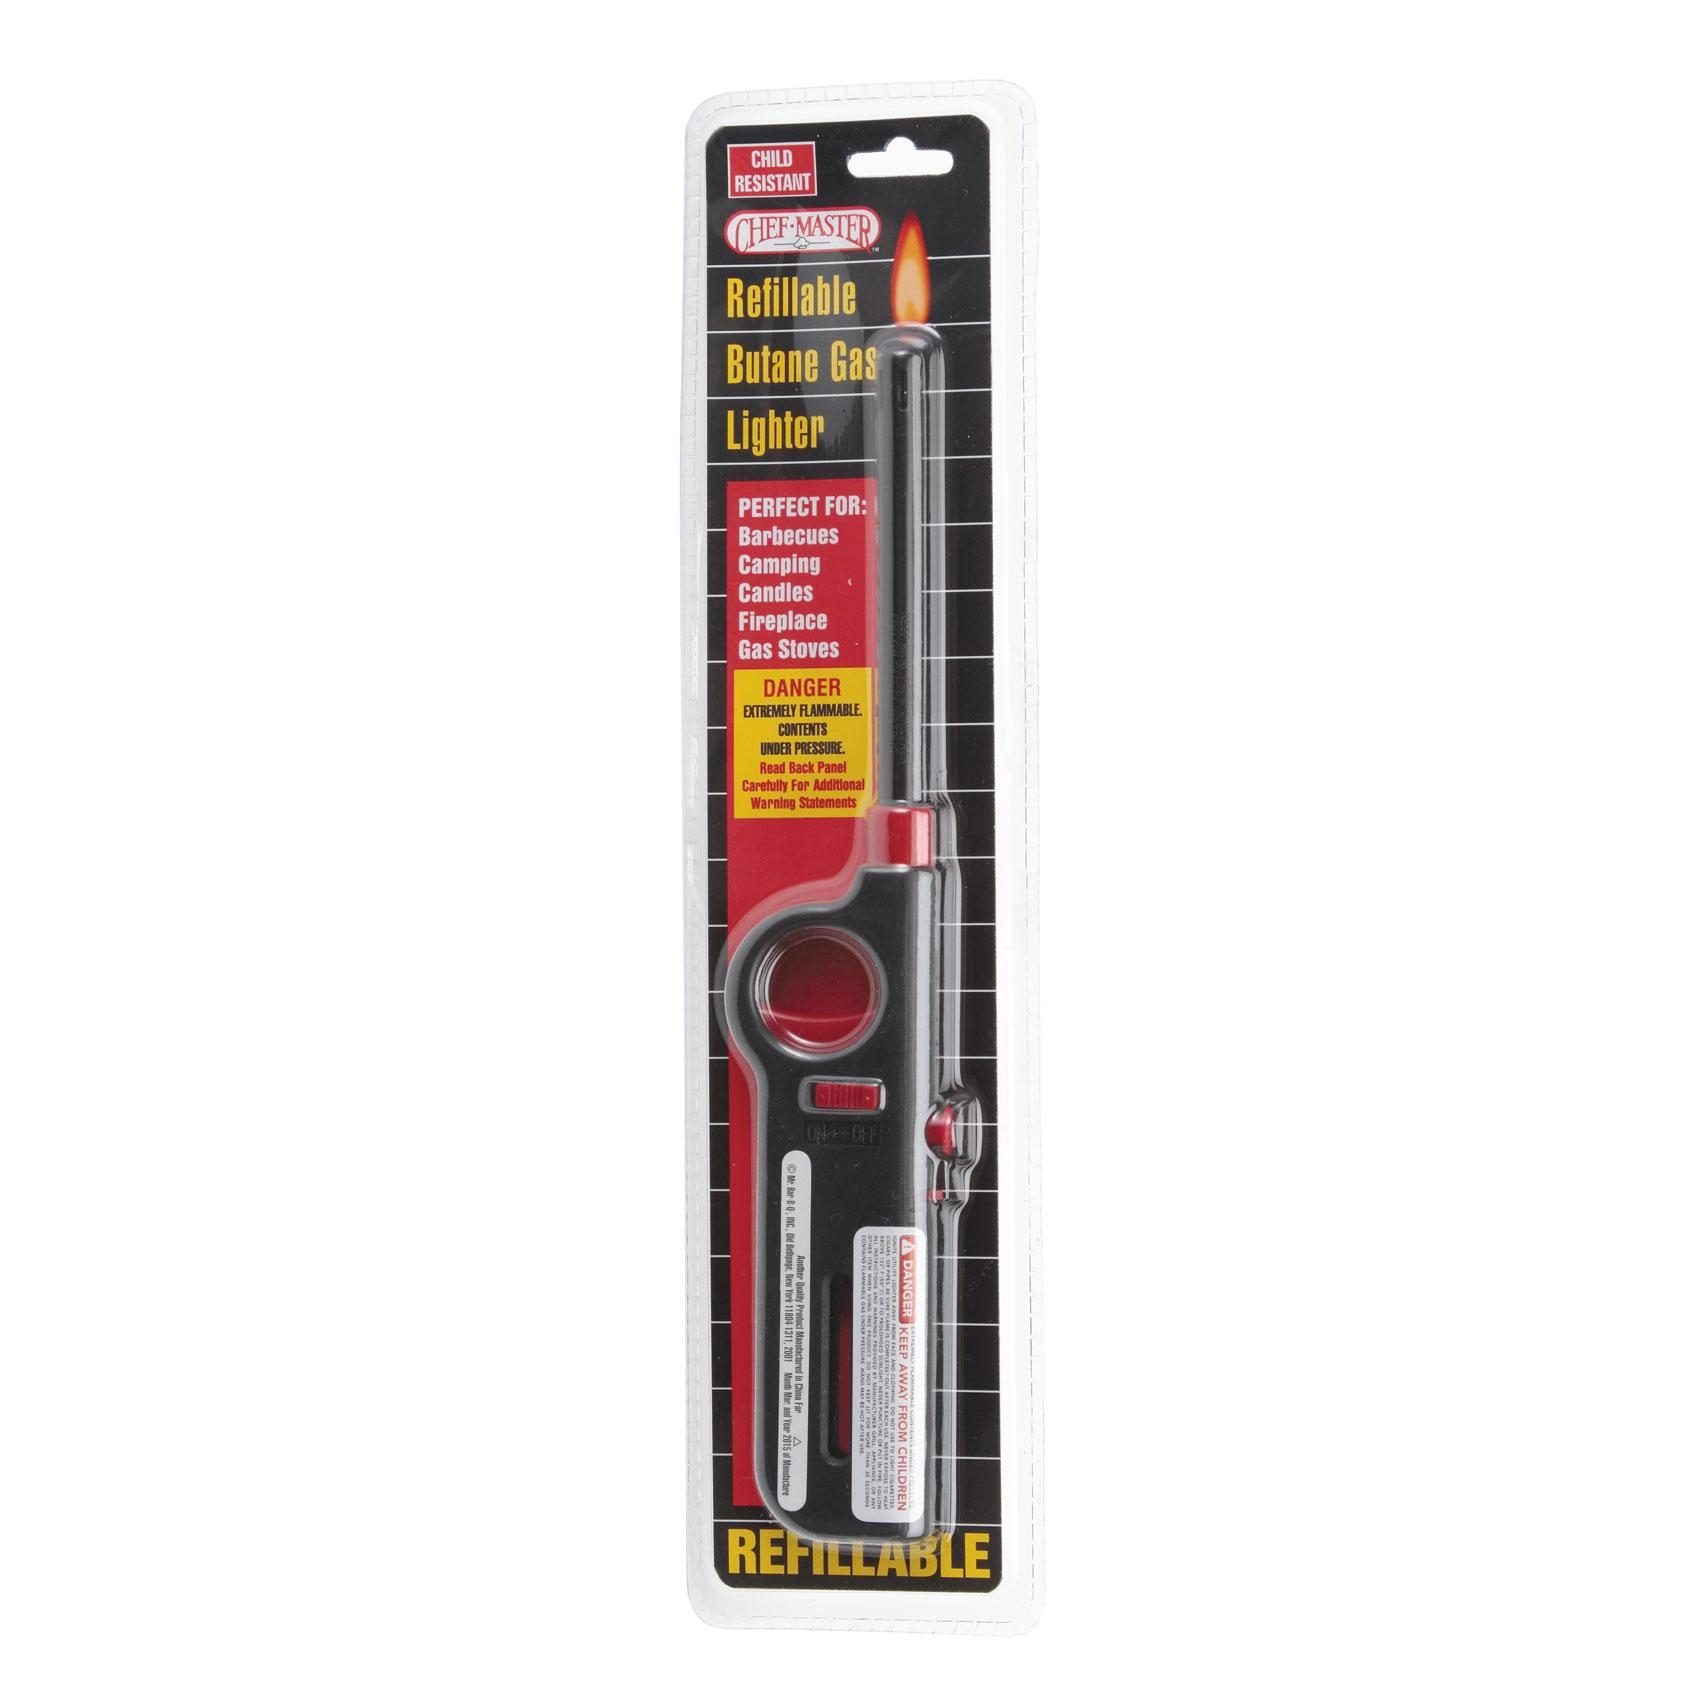 Royal Industries MR 11005 butane lighter